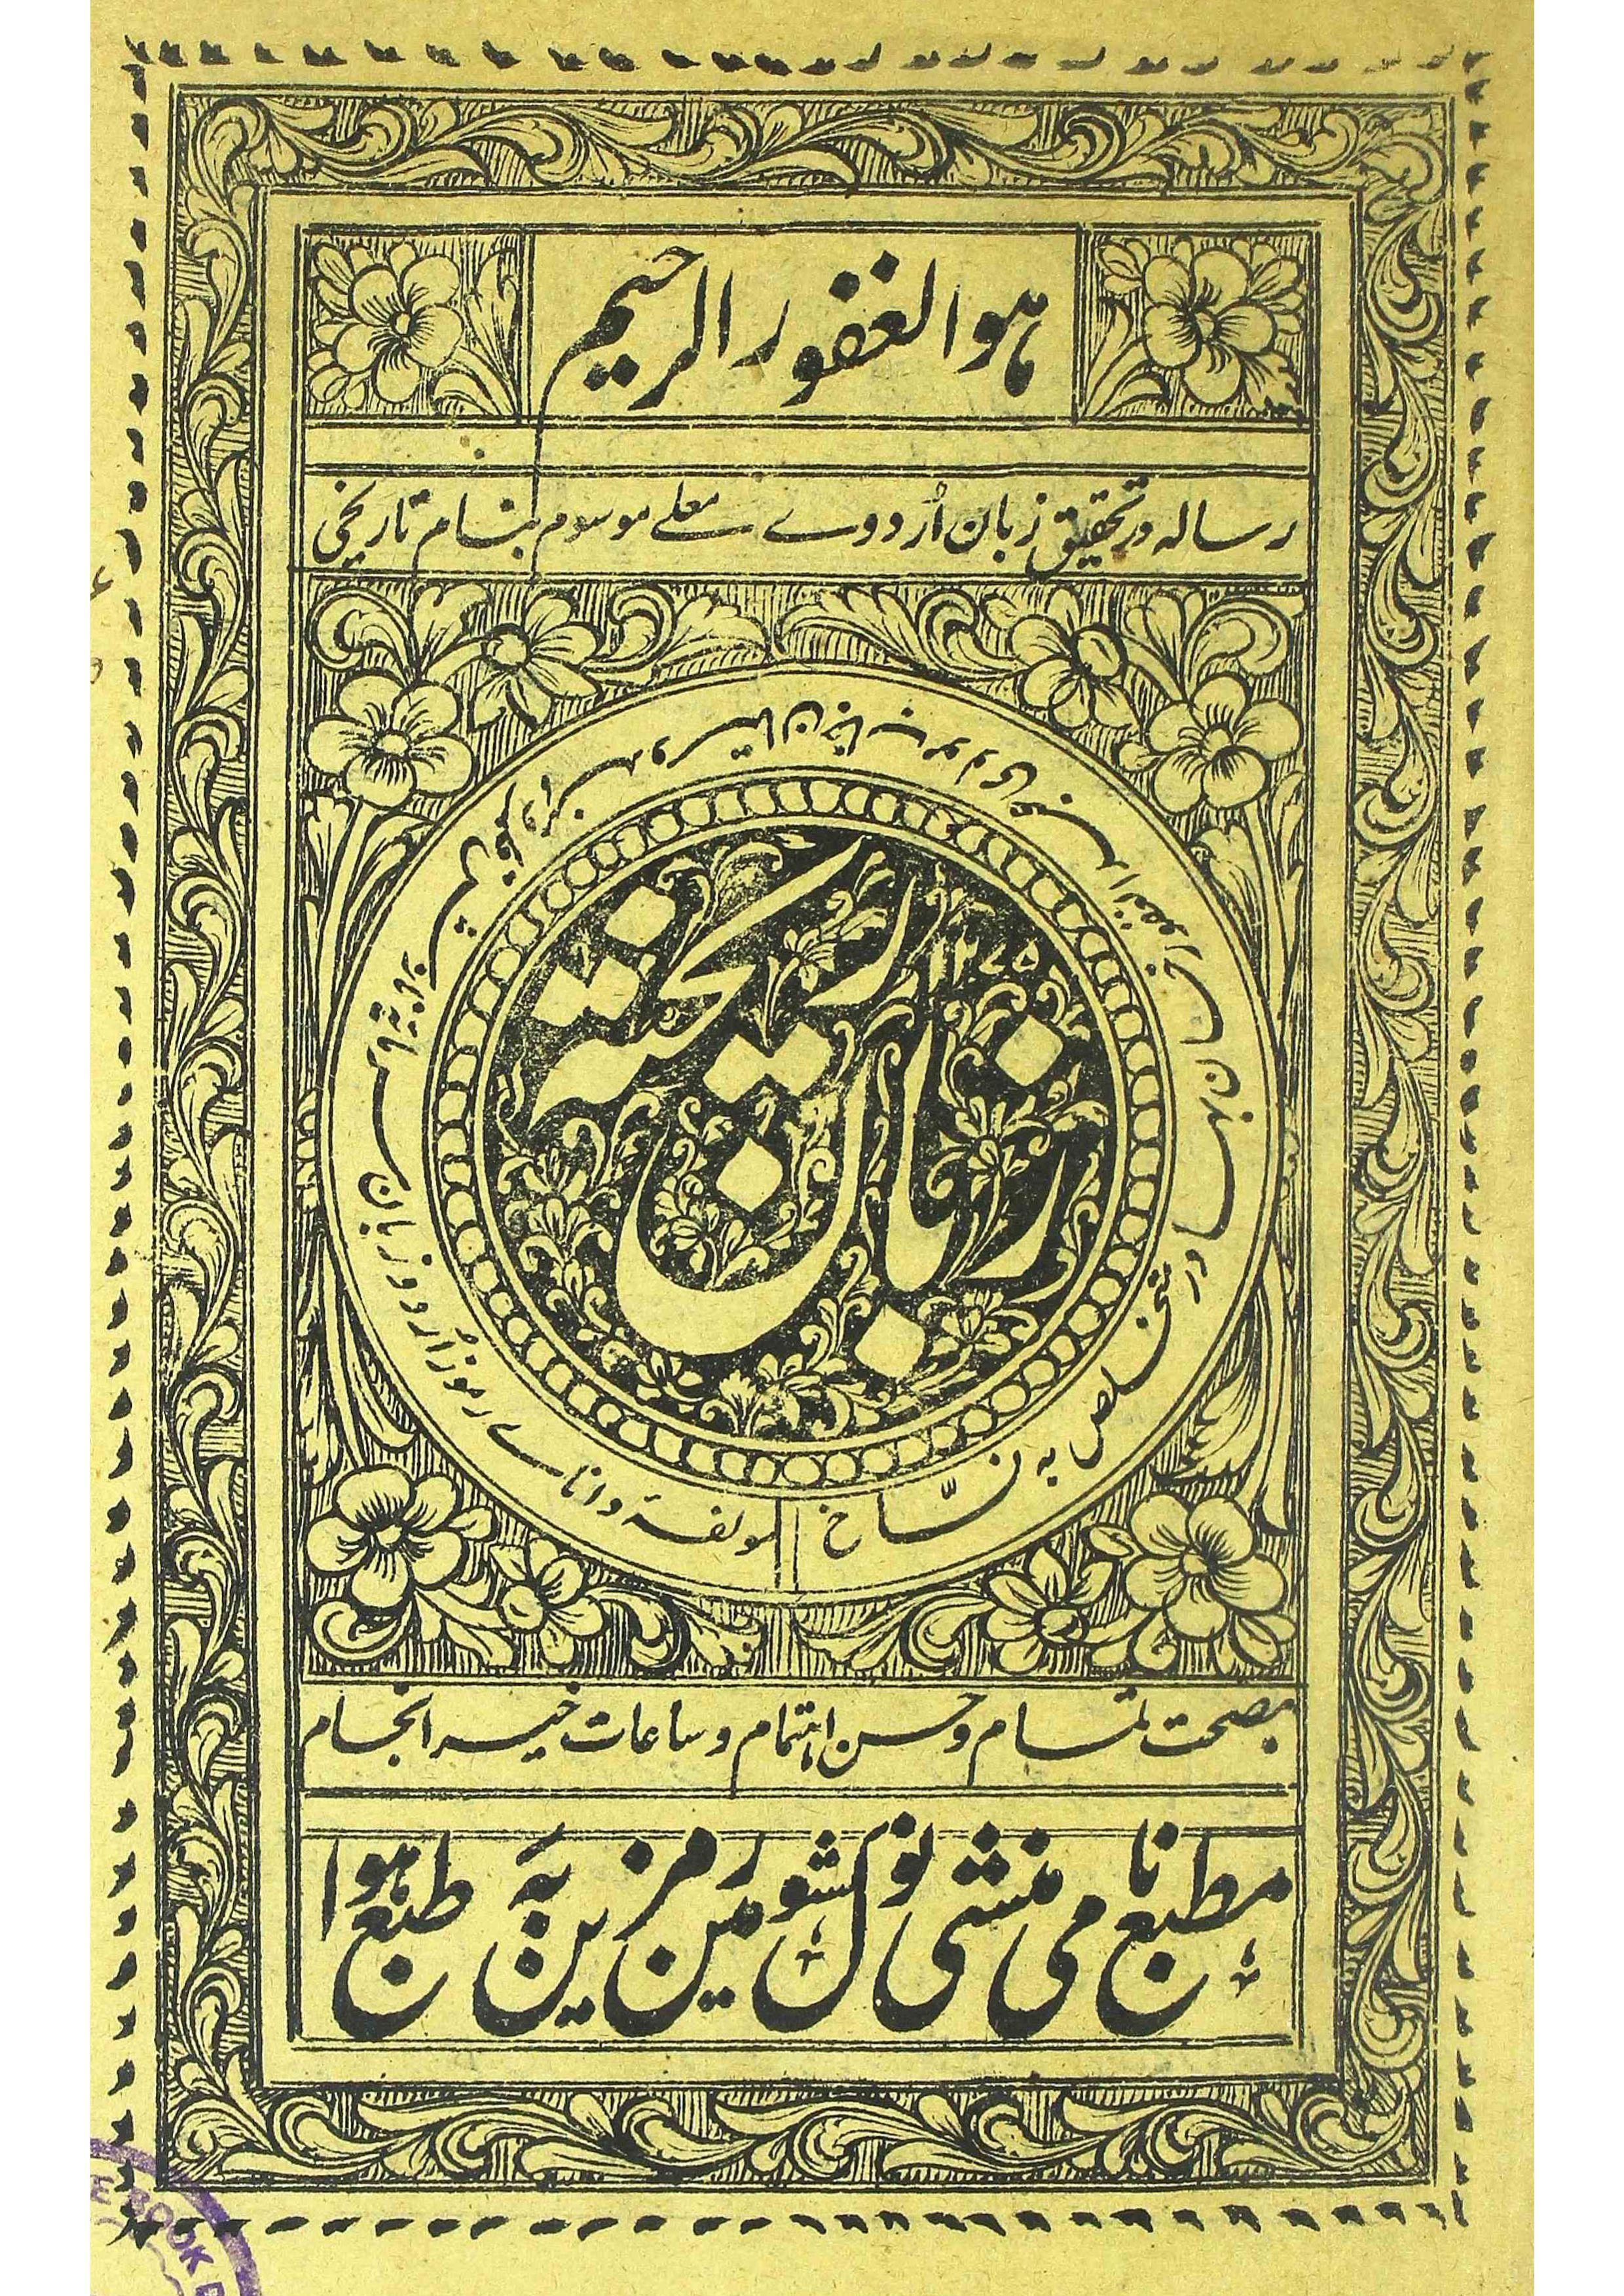 Zaban-e-Rekhta